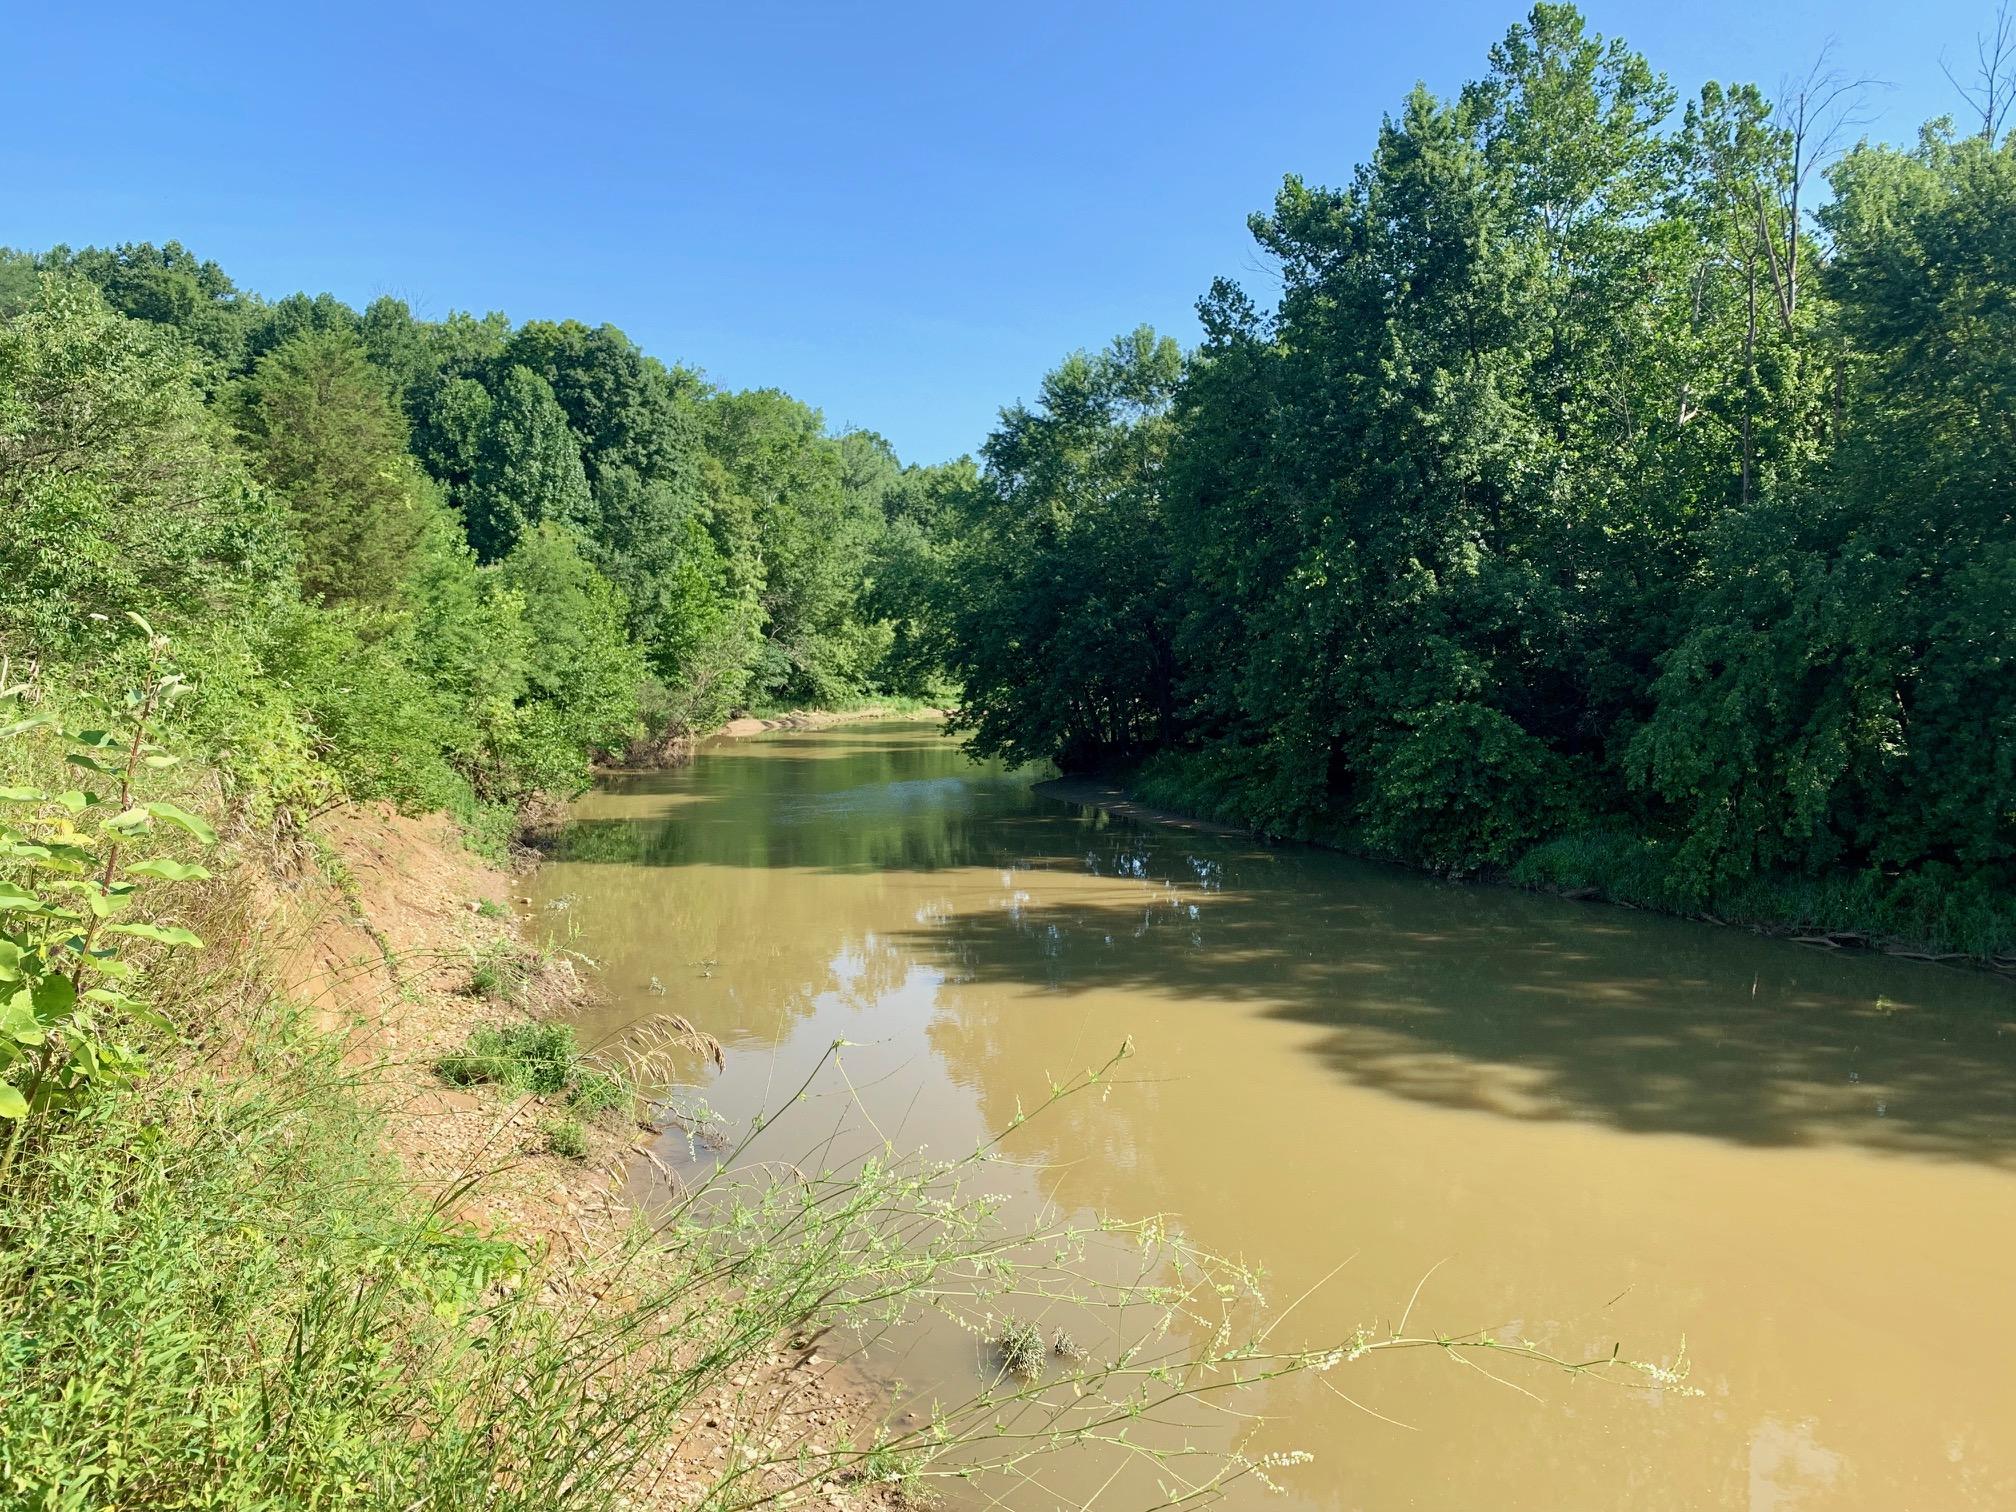 tvt river.jpeg